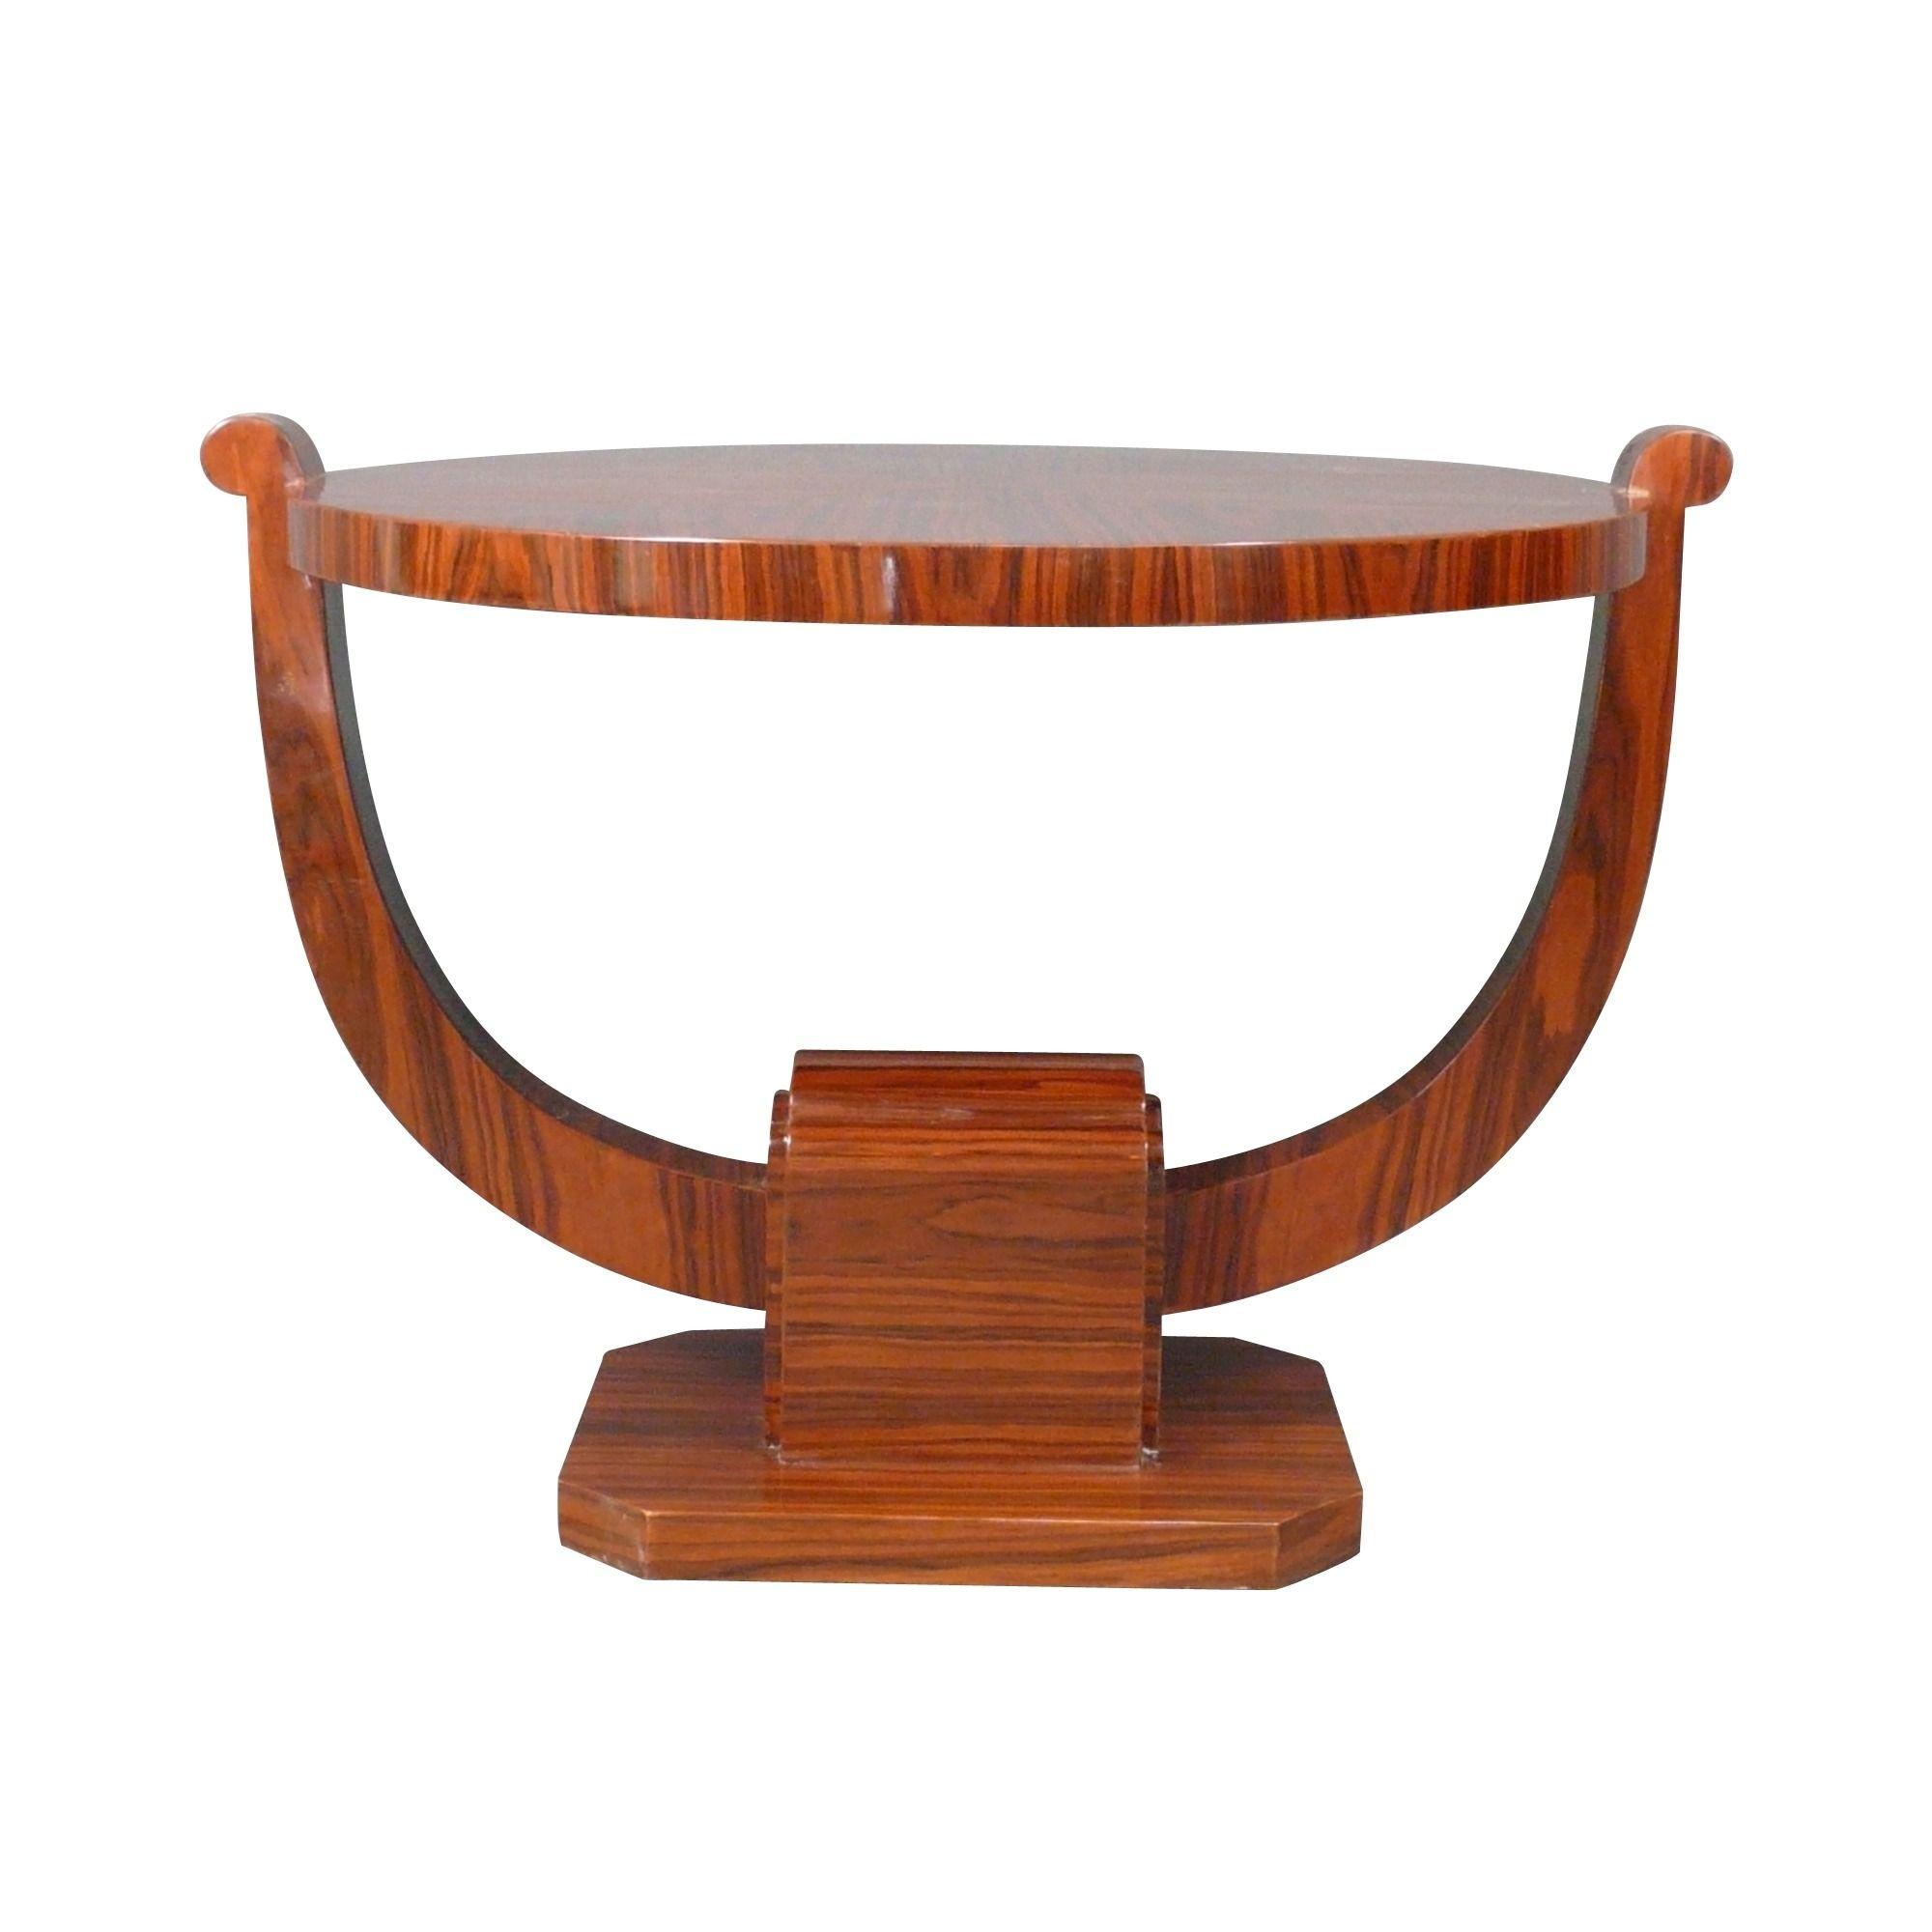 Table Basse Art Deco Table Art Deco Meubles Art Deco Meubles Art Deco Art Deco Table Art Deco